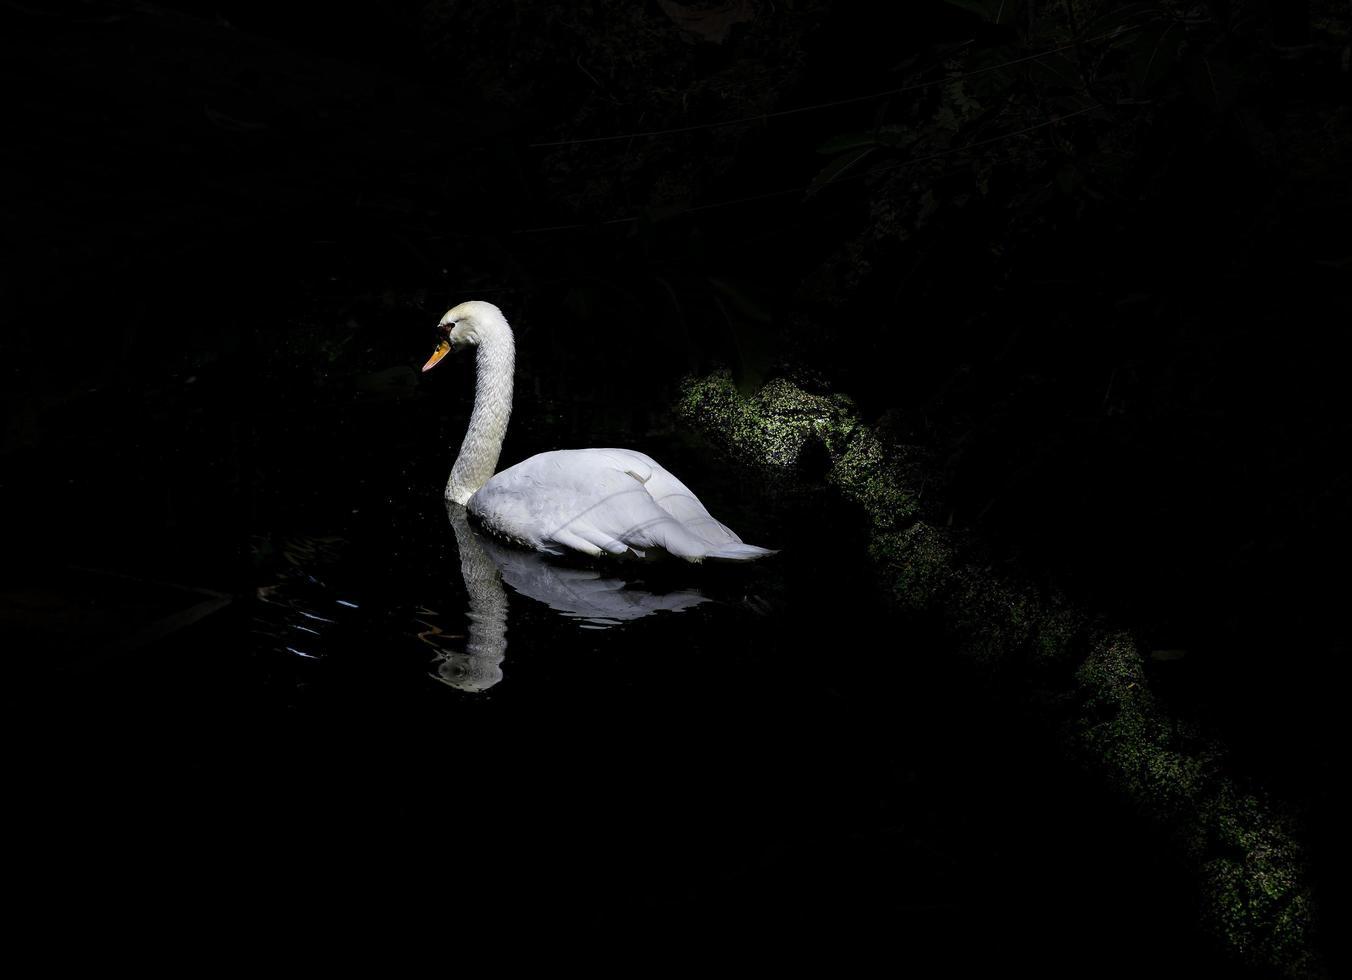 Cygne blanc à contraste élevé sur plan d'eau photo